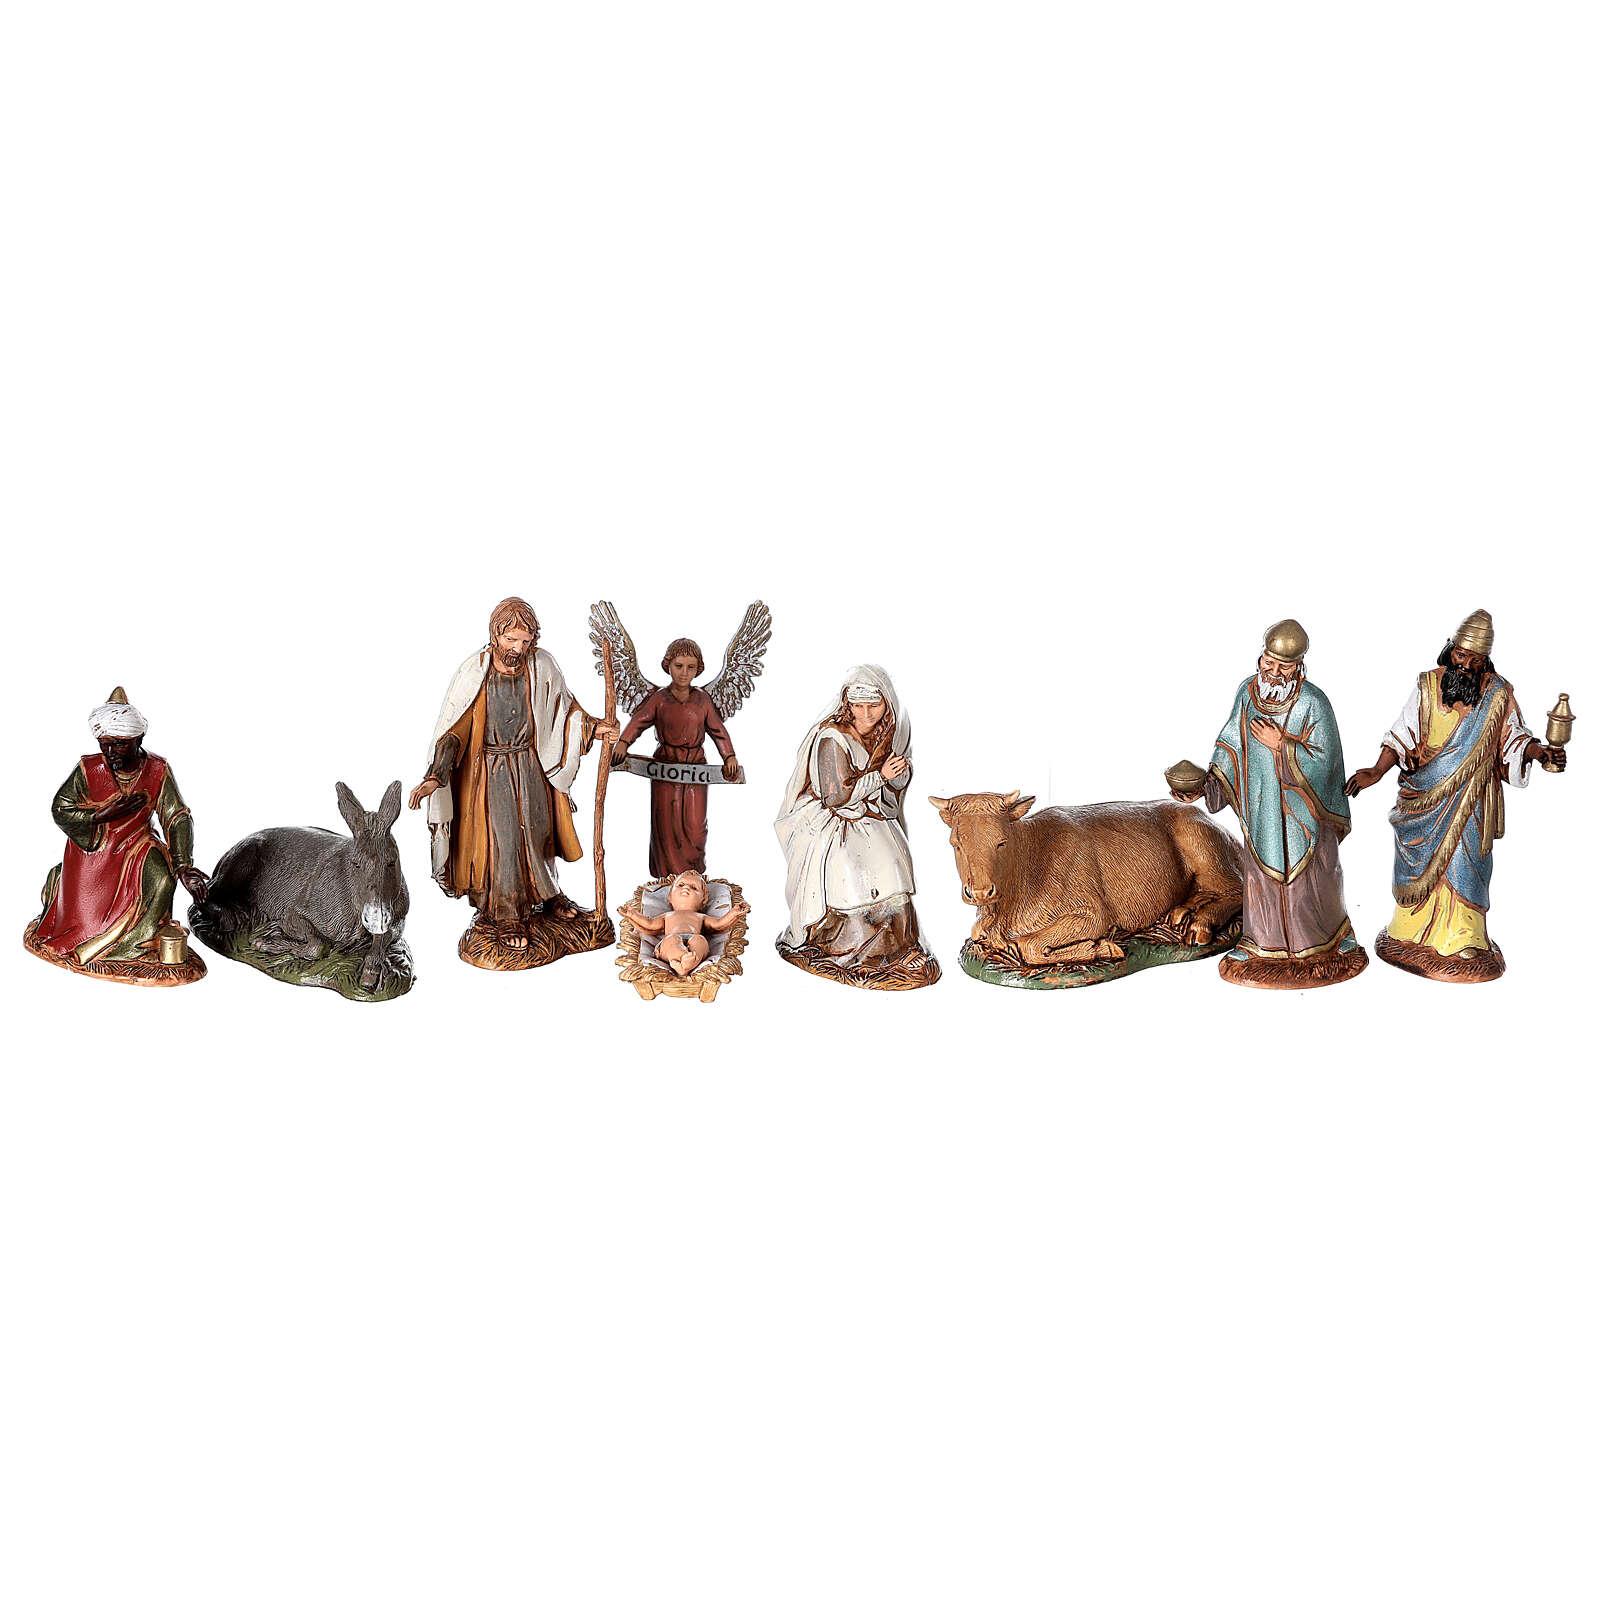 Presépio estilo árabe com gruta da Natividade figuras Moranduzzo altura média 10 cm; medidas: 36,5x50x40 cm 4